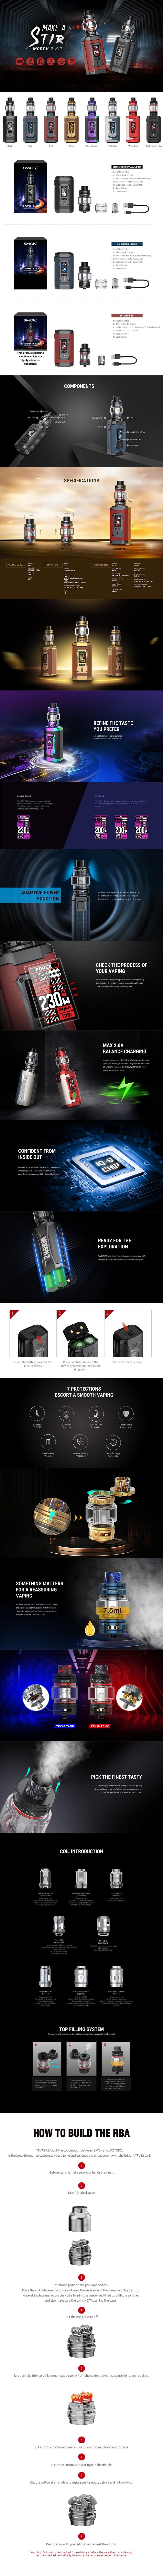 SMOKTech SMOK Morph 2 Kit